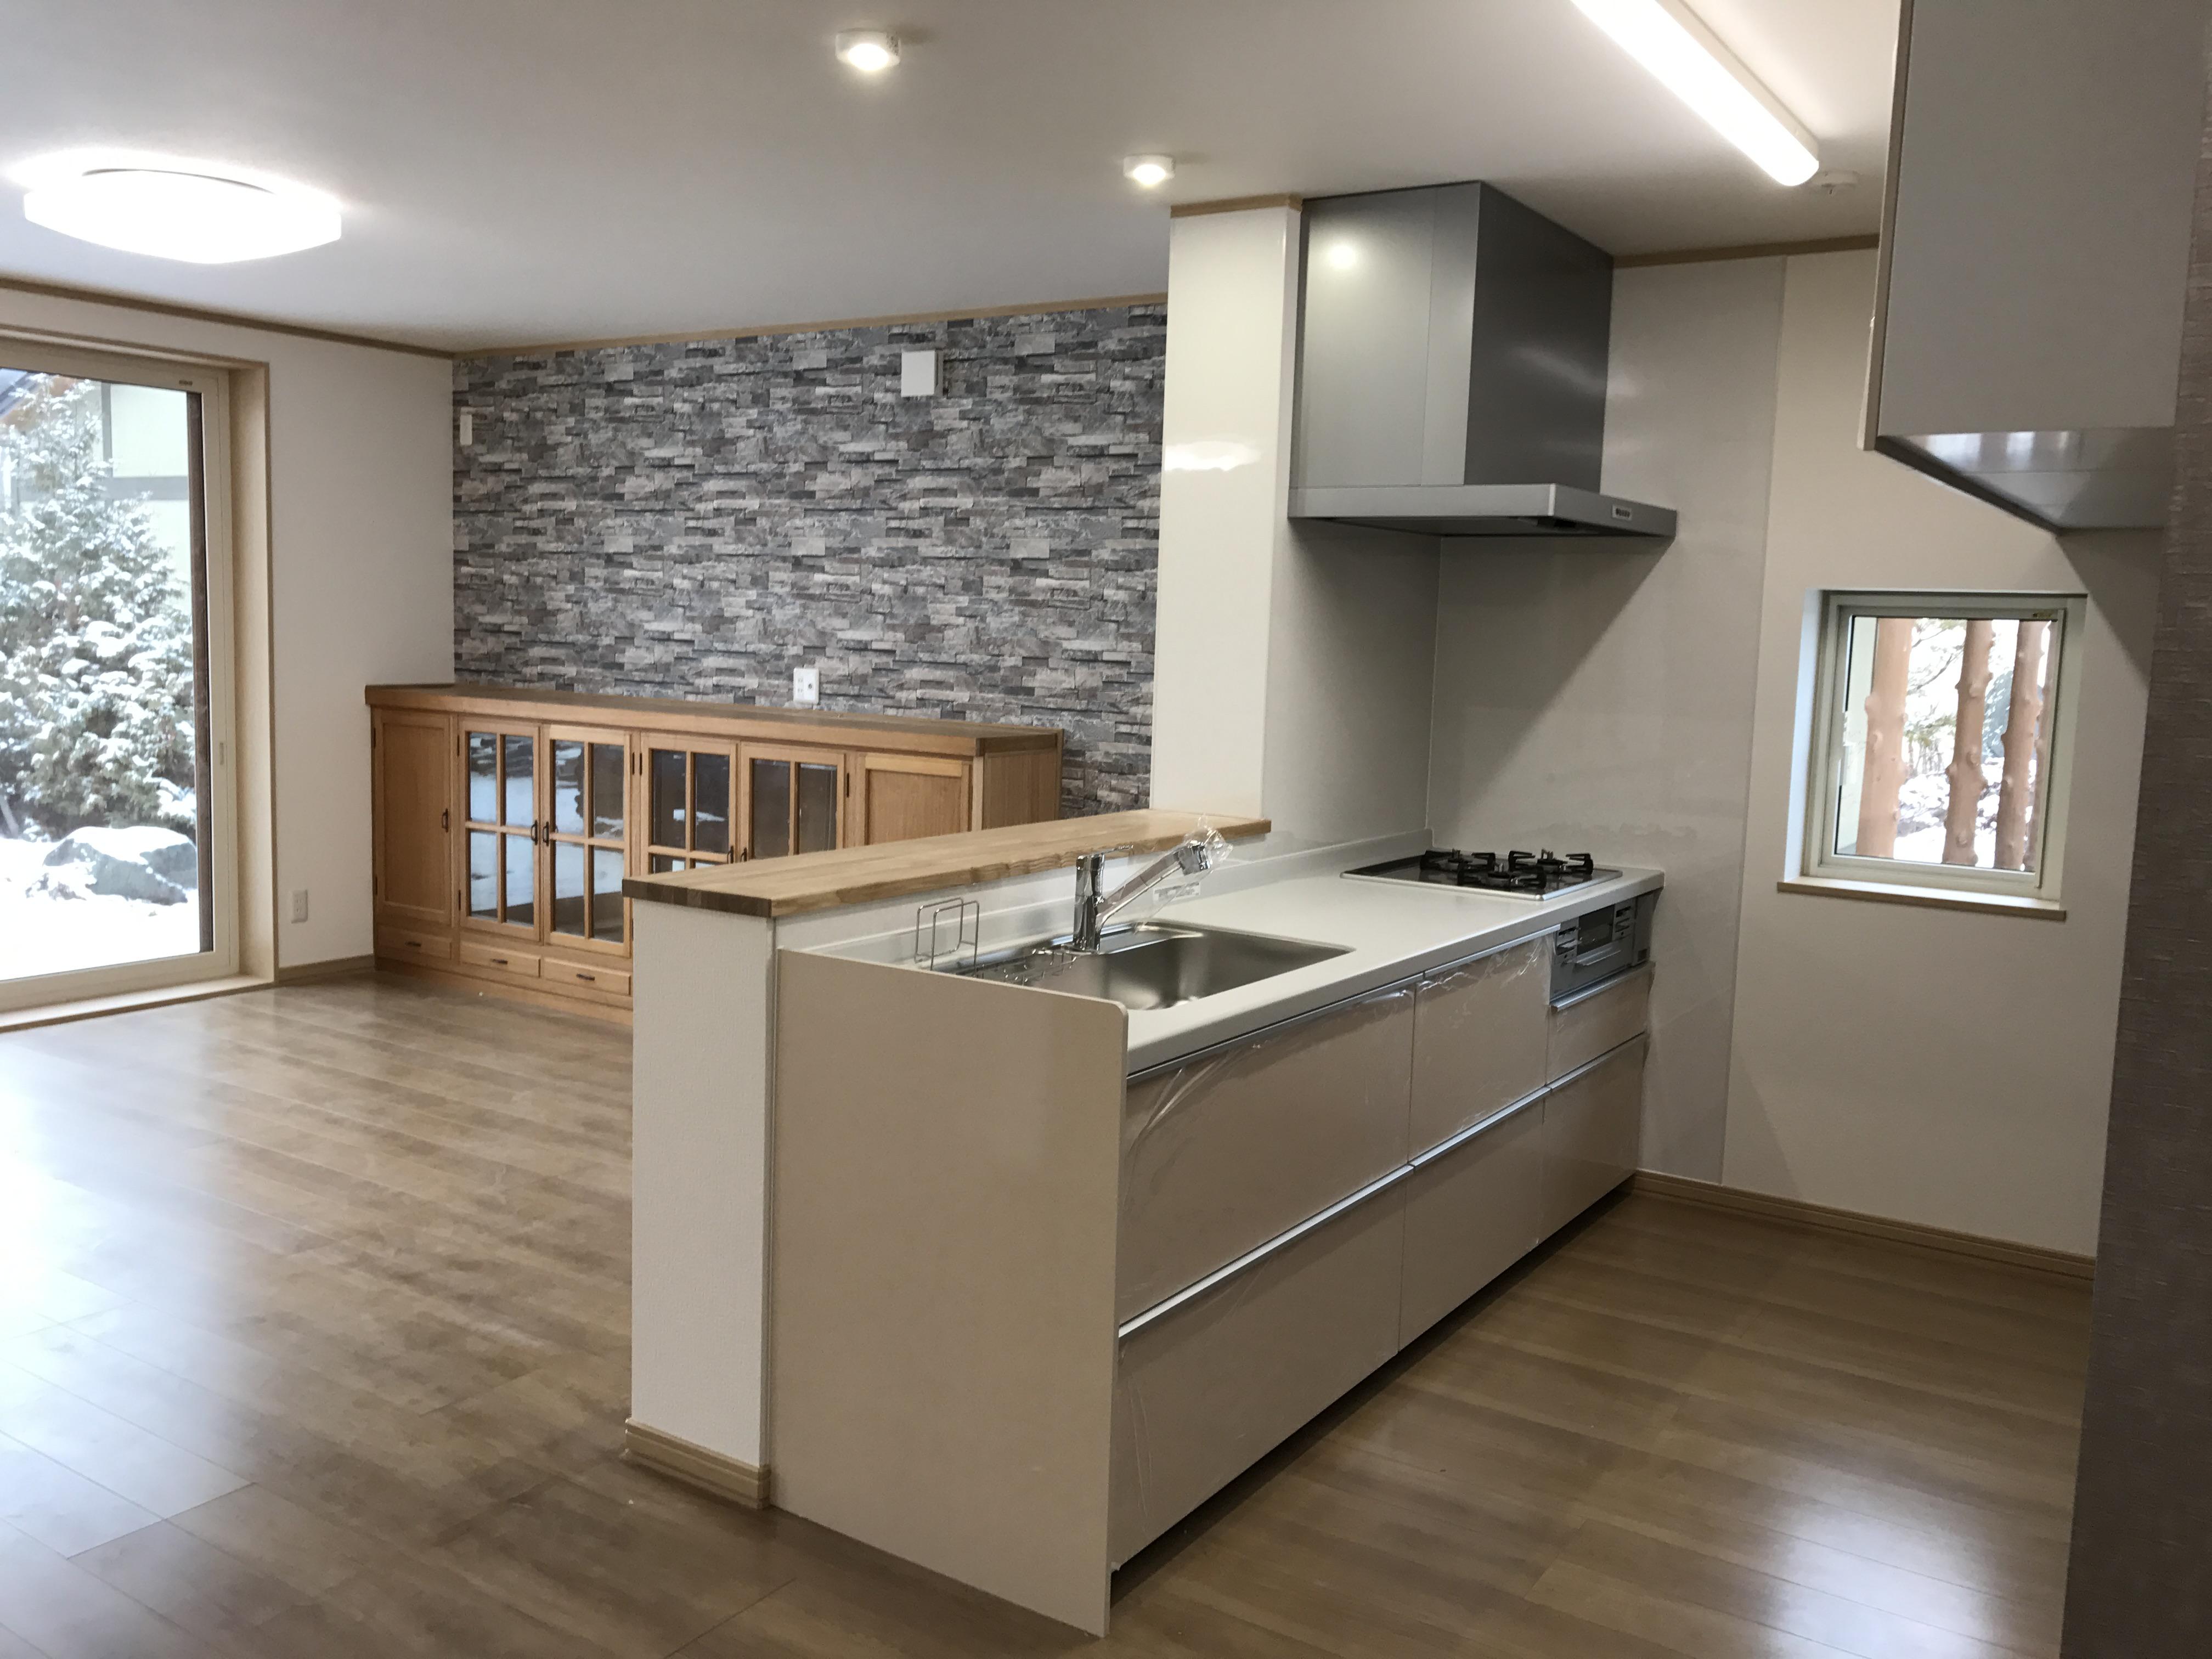 リビングや庭が一望できる対面キッチン